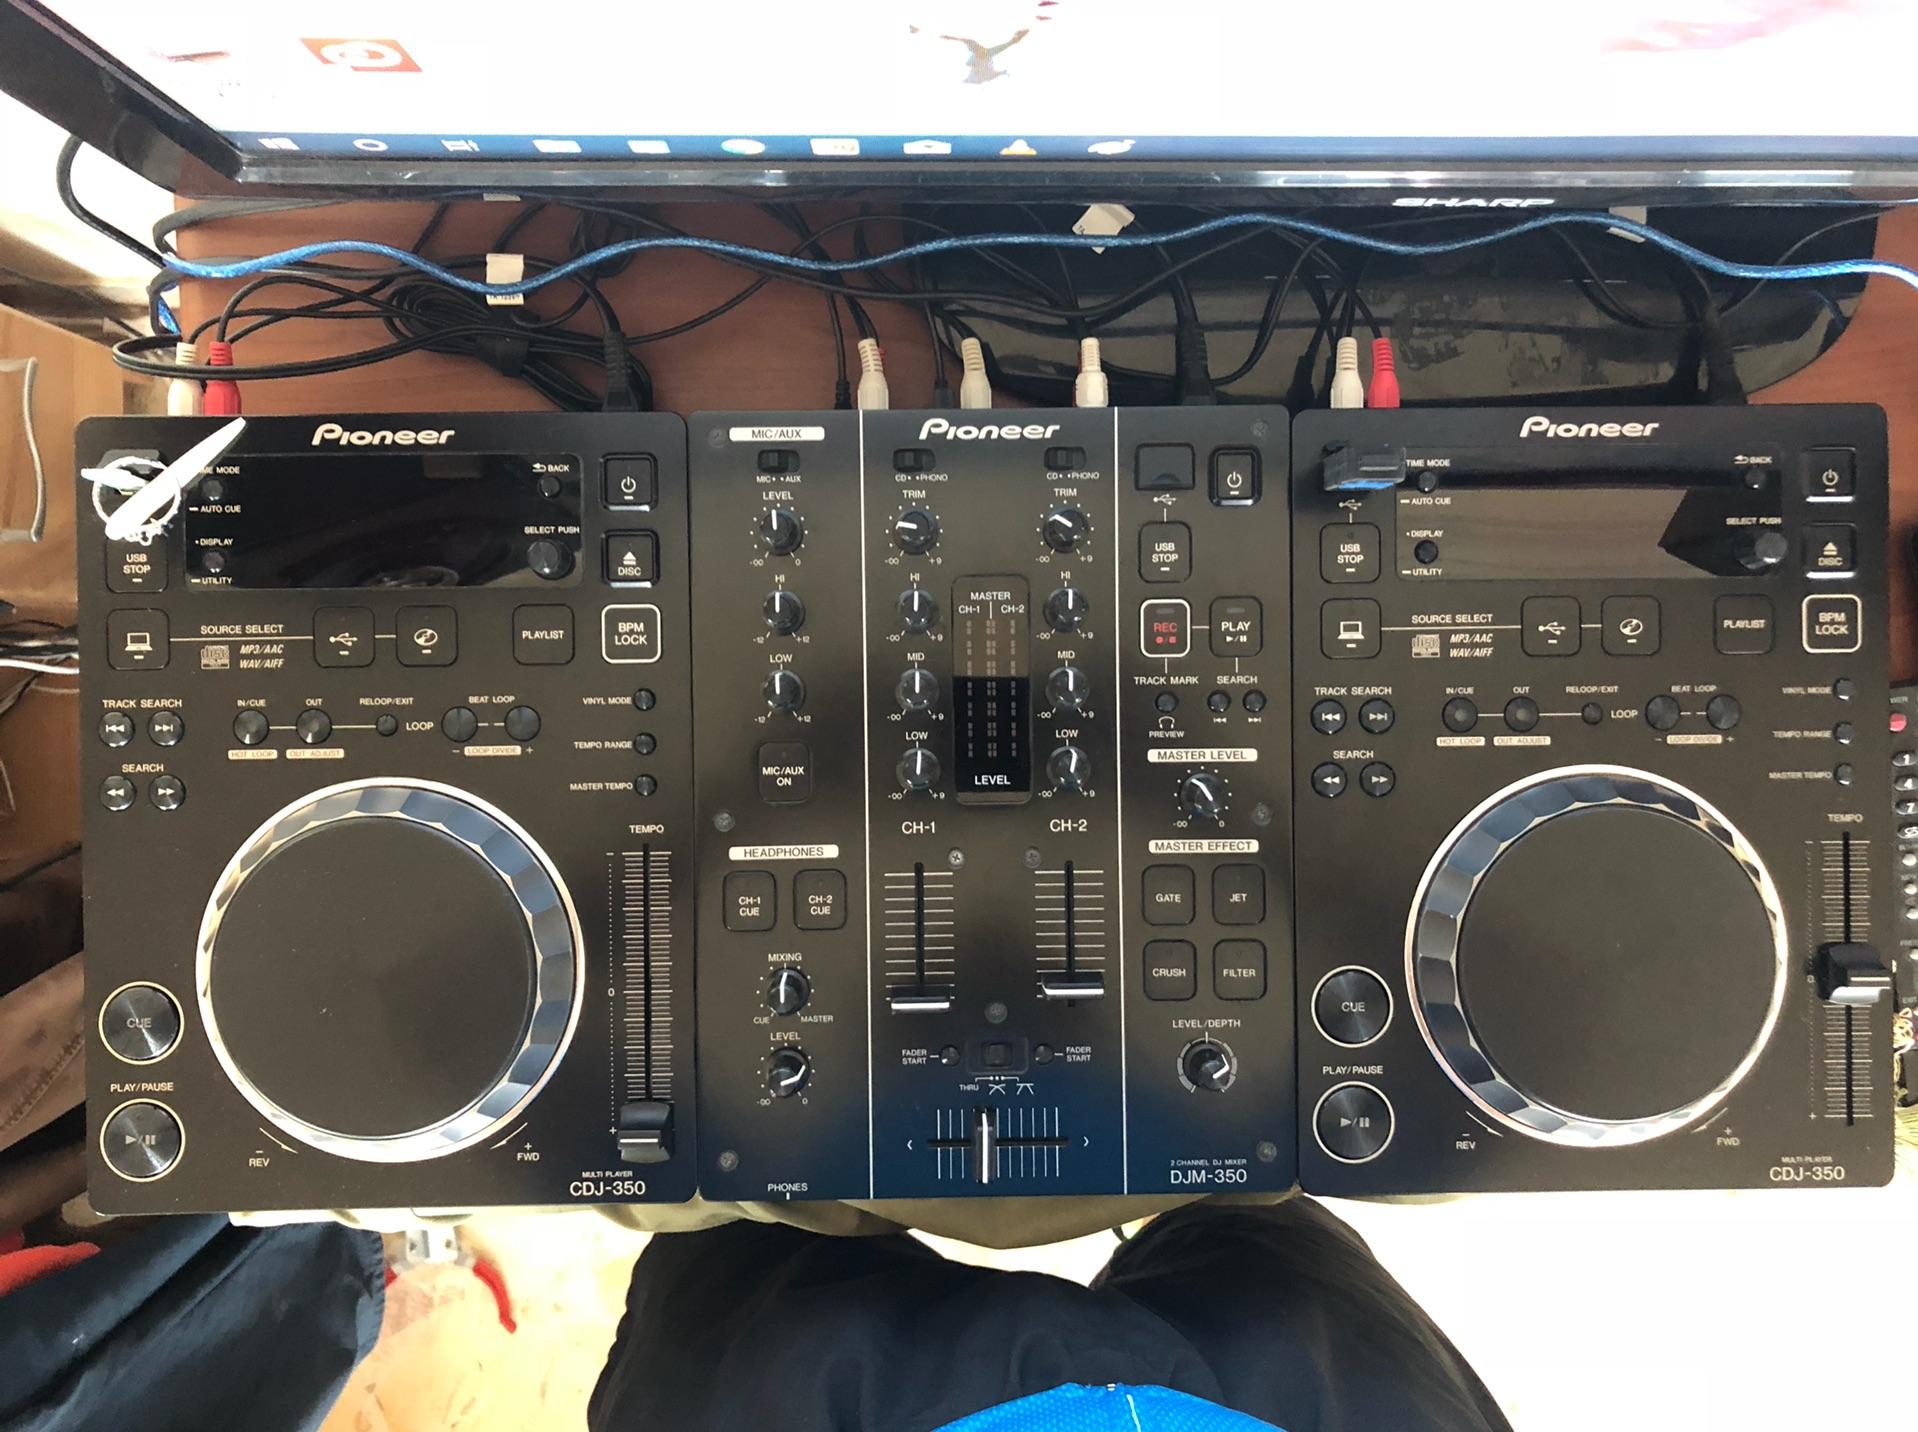 نحن شركة تمويل خاصة وشركاتالتمويل على العقارات وأي أنواع الأعمالالتمويل. نحن نقدم أيضا -  Pioneer 350 DJ set لا...